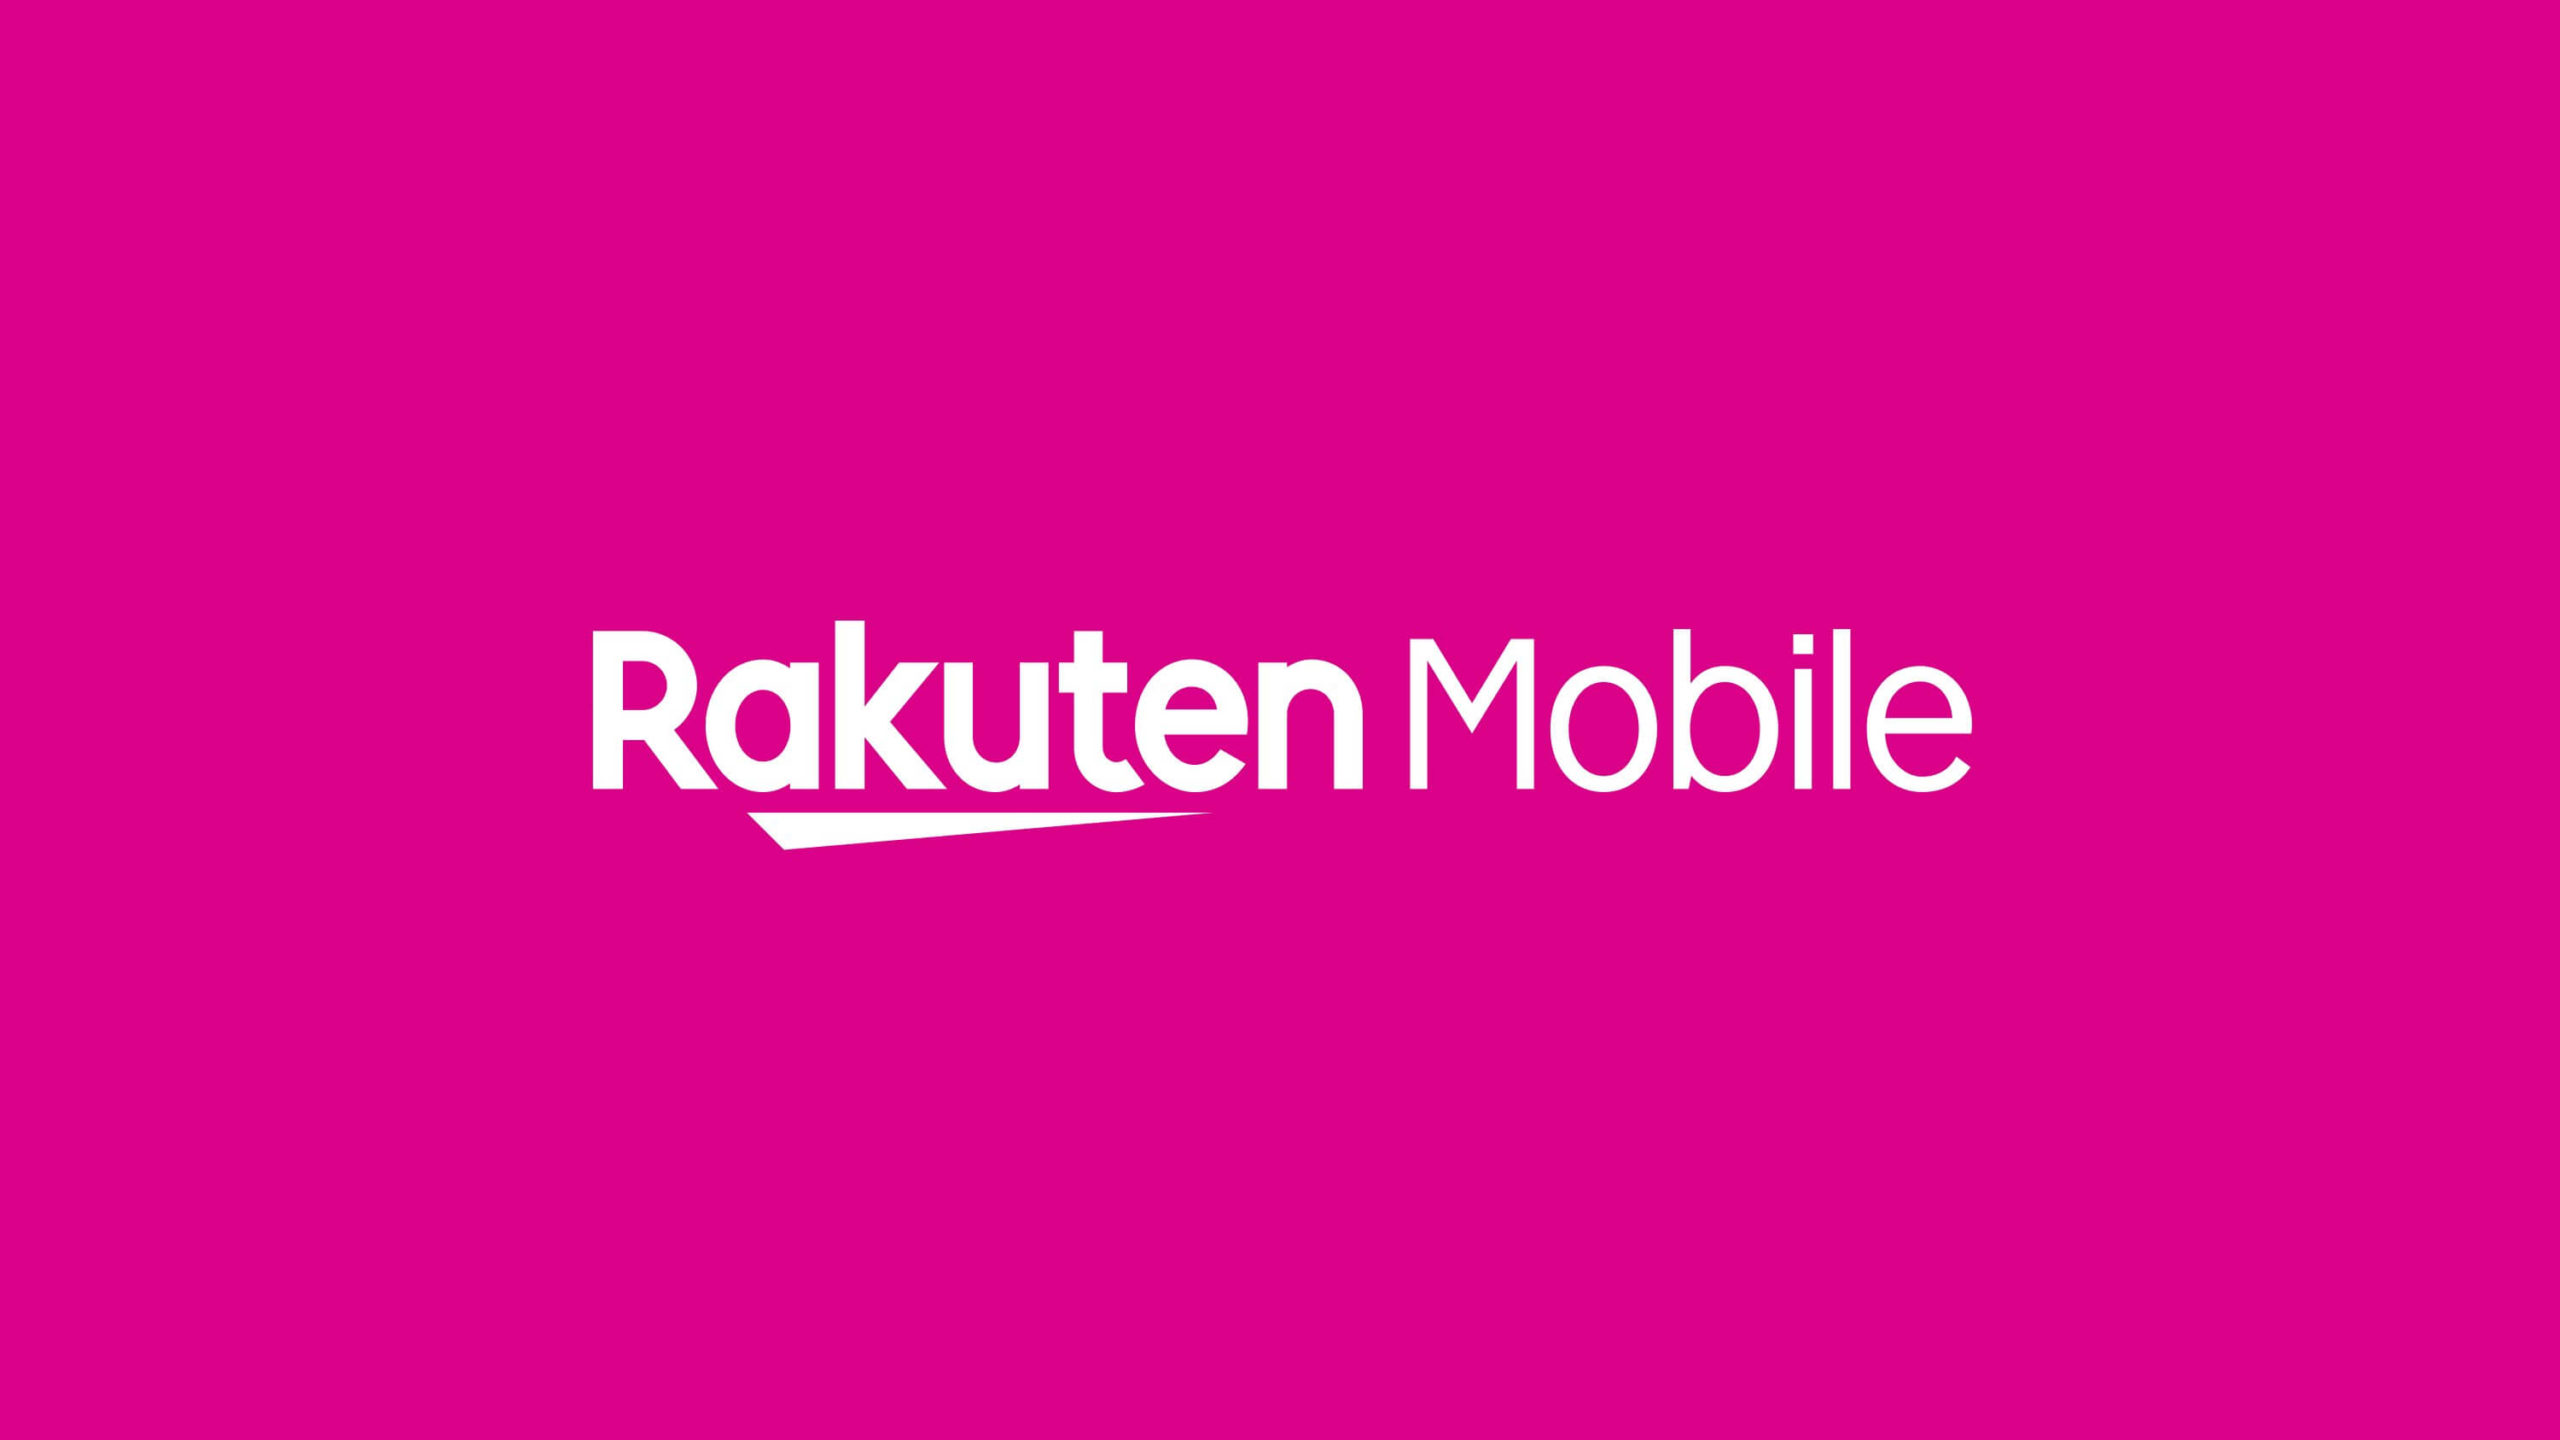 Rakuten UN-LIMITが繋がらないトラブル発生。私が行った解決法&遭遇したシチュエーションなど